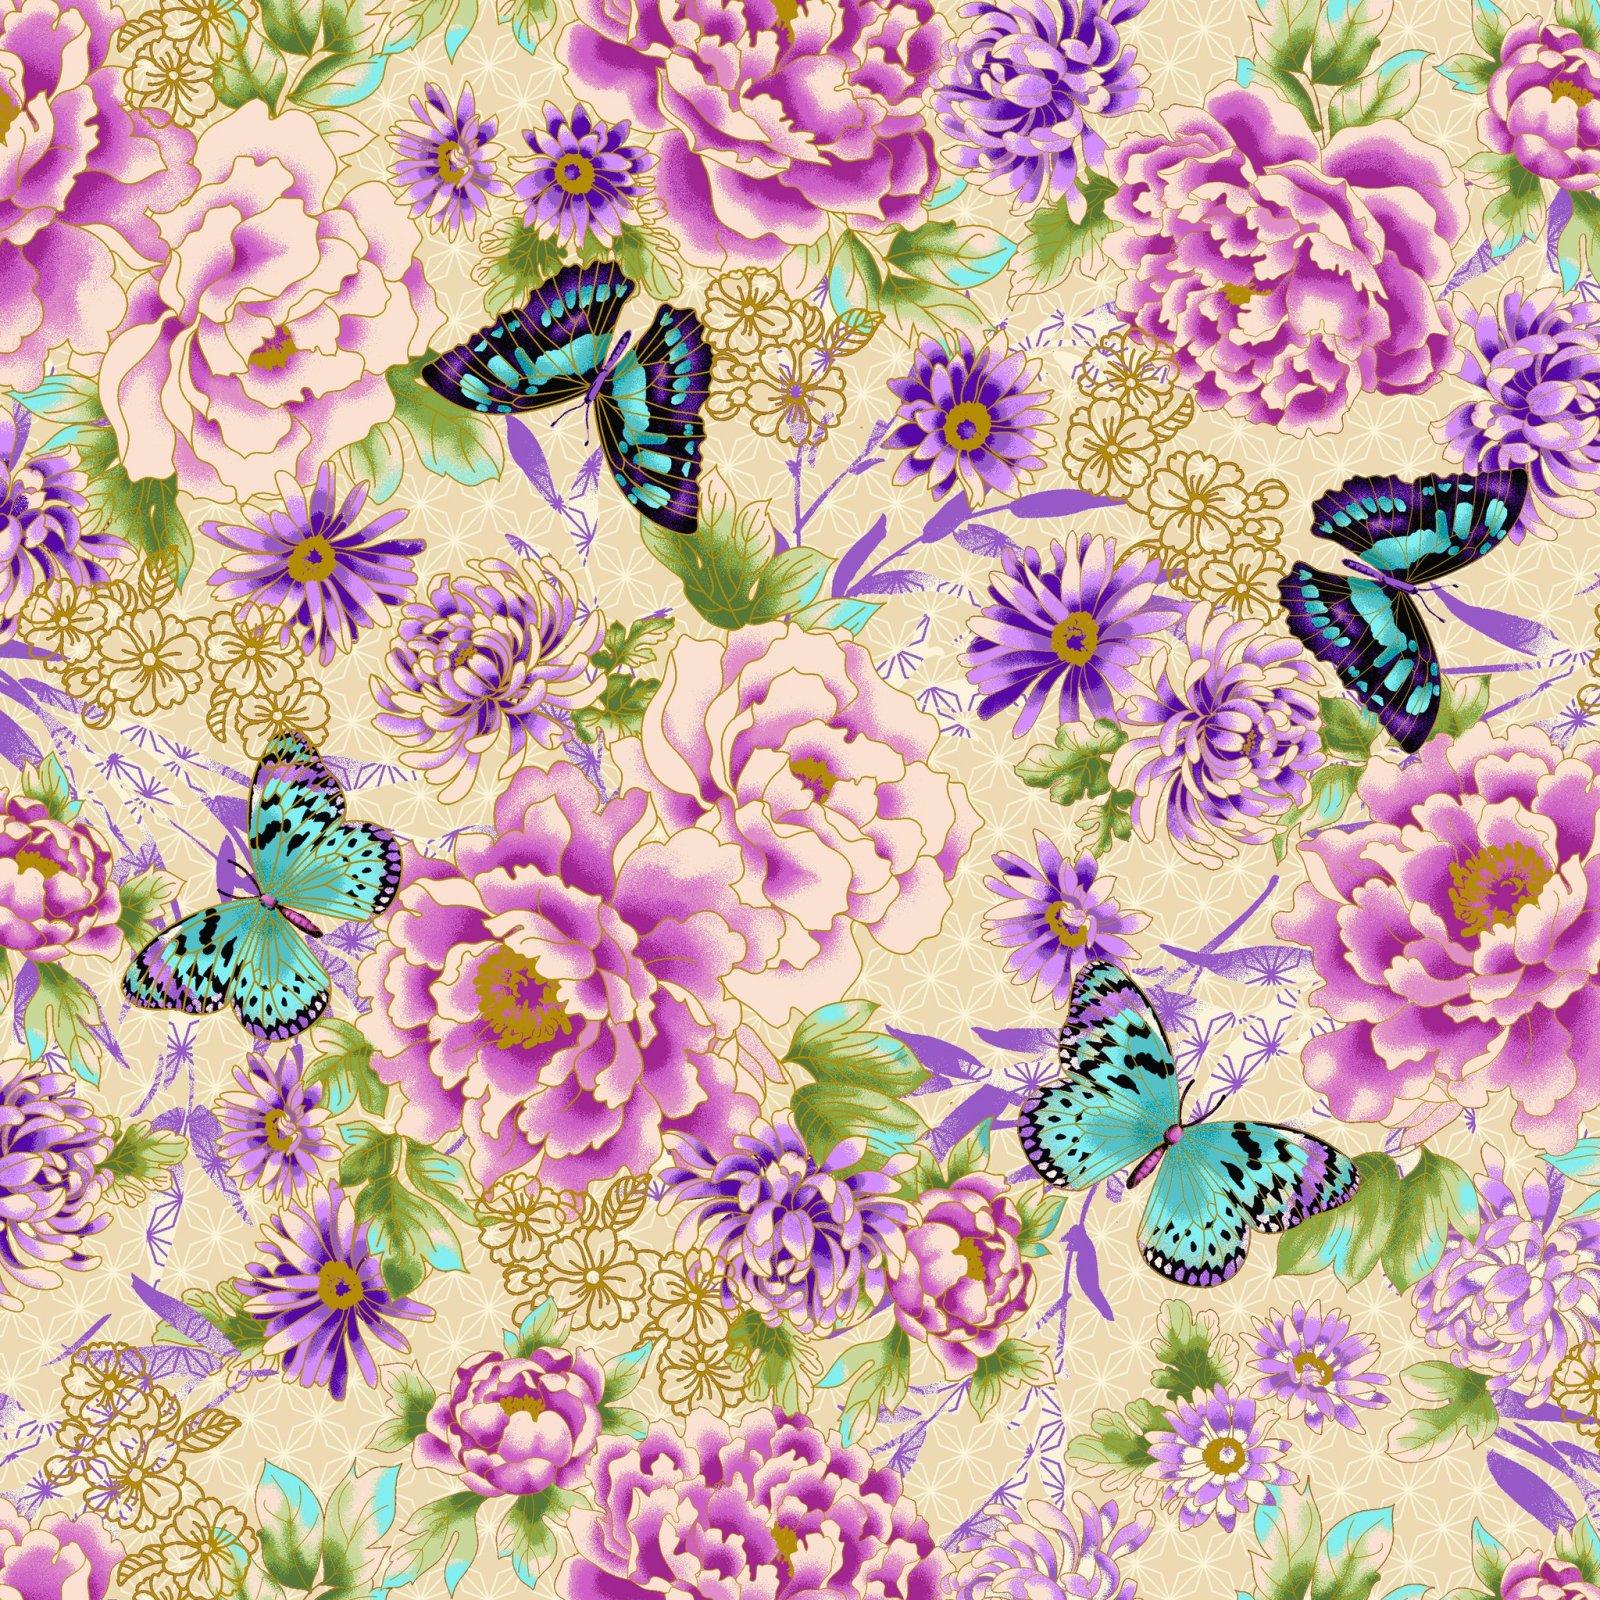 Flights of Fancy Flowers 120-13362